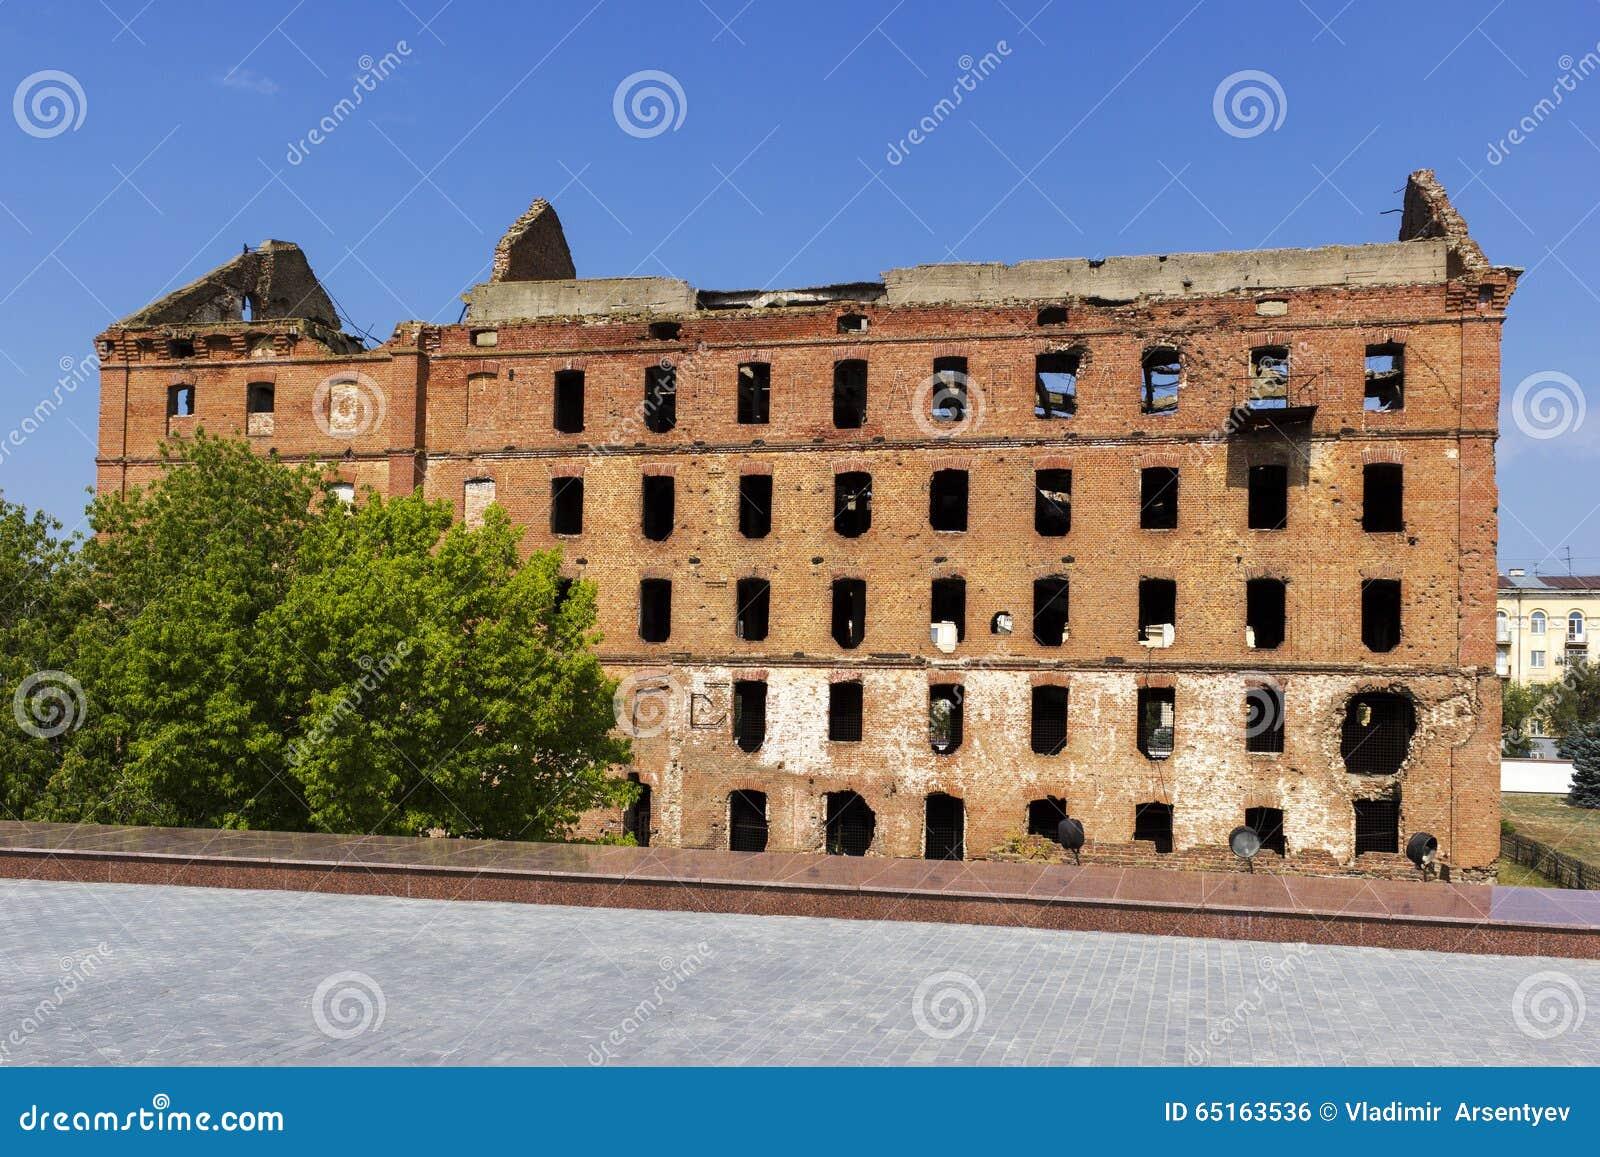 Ruined mill of Gergardt in Volgograd 50